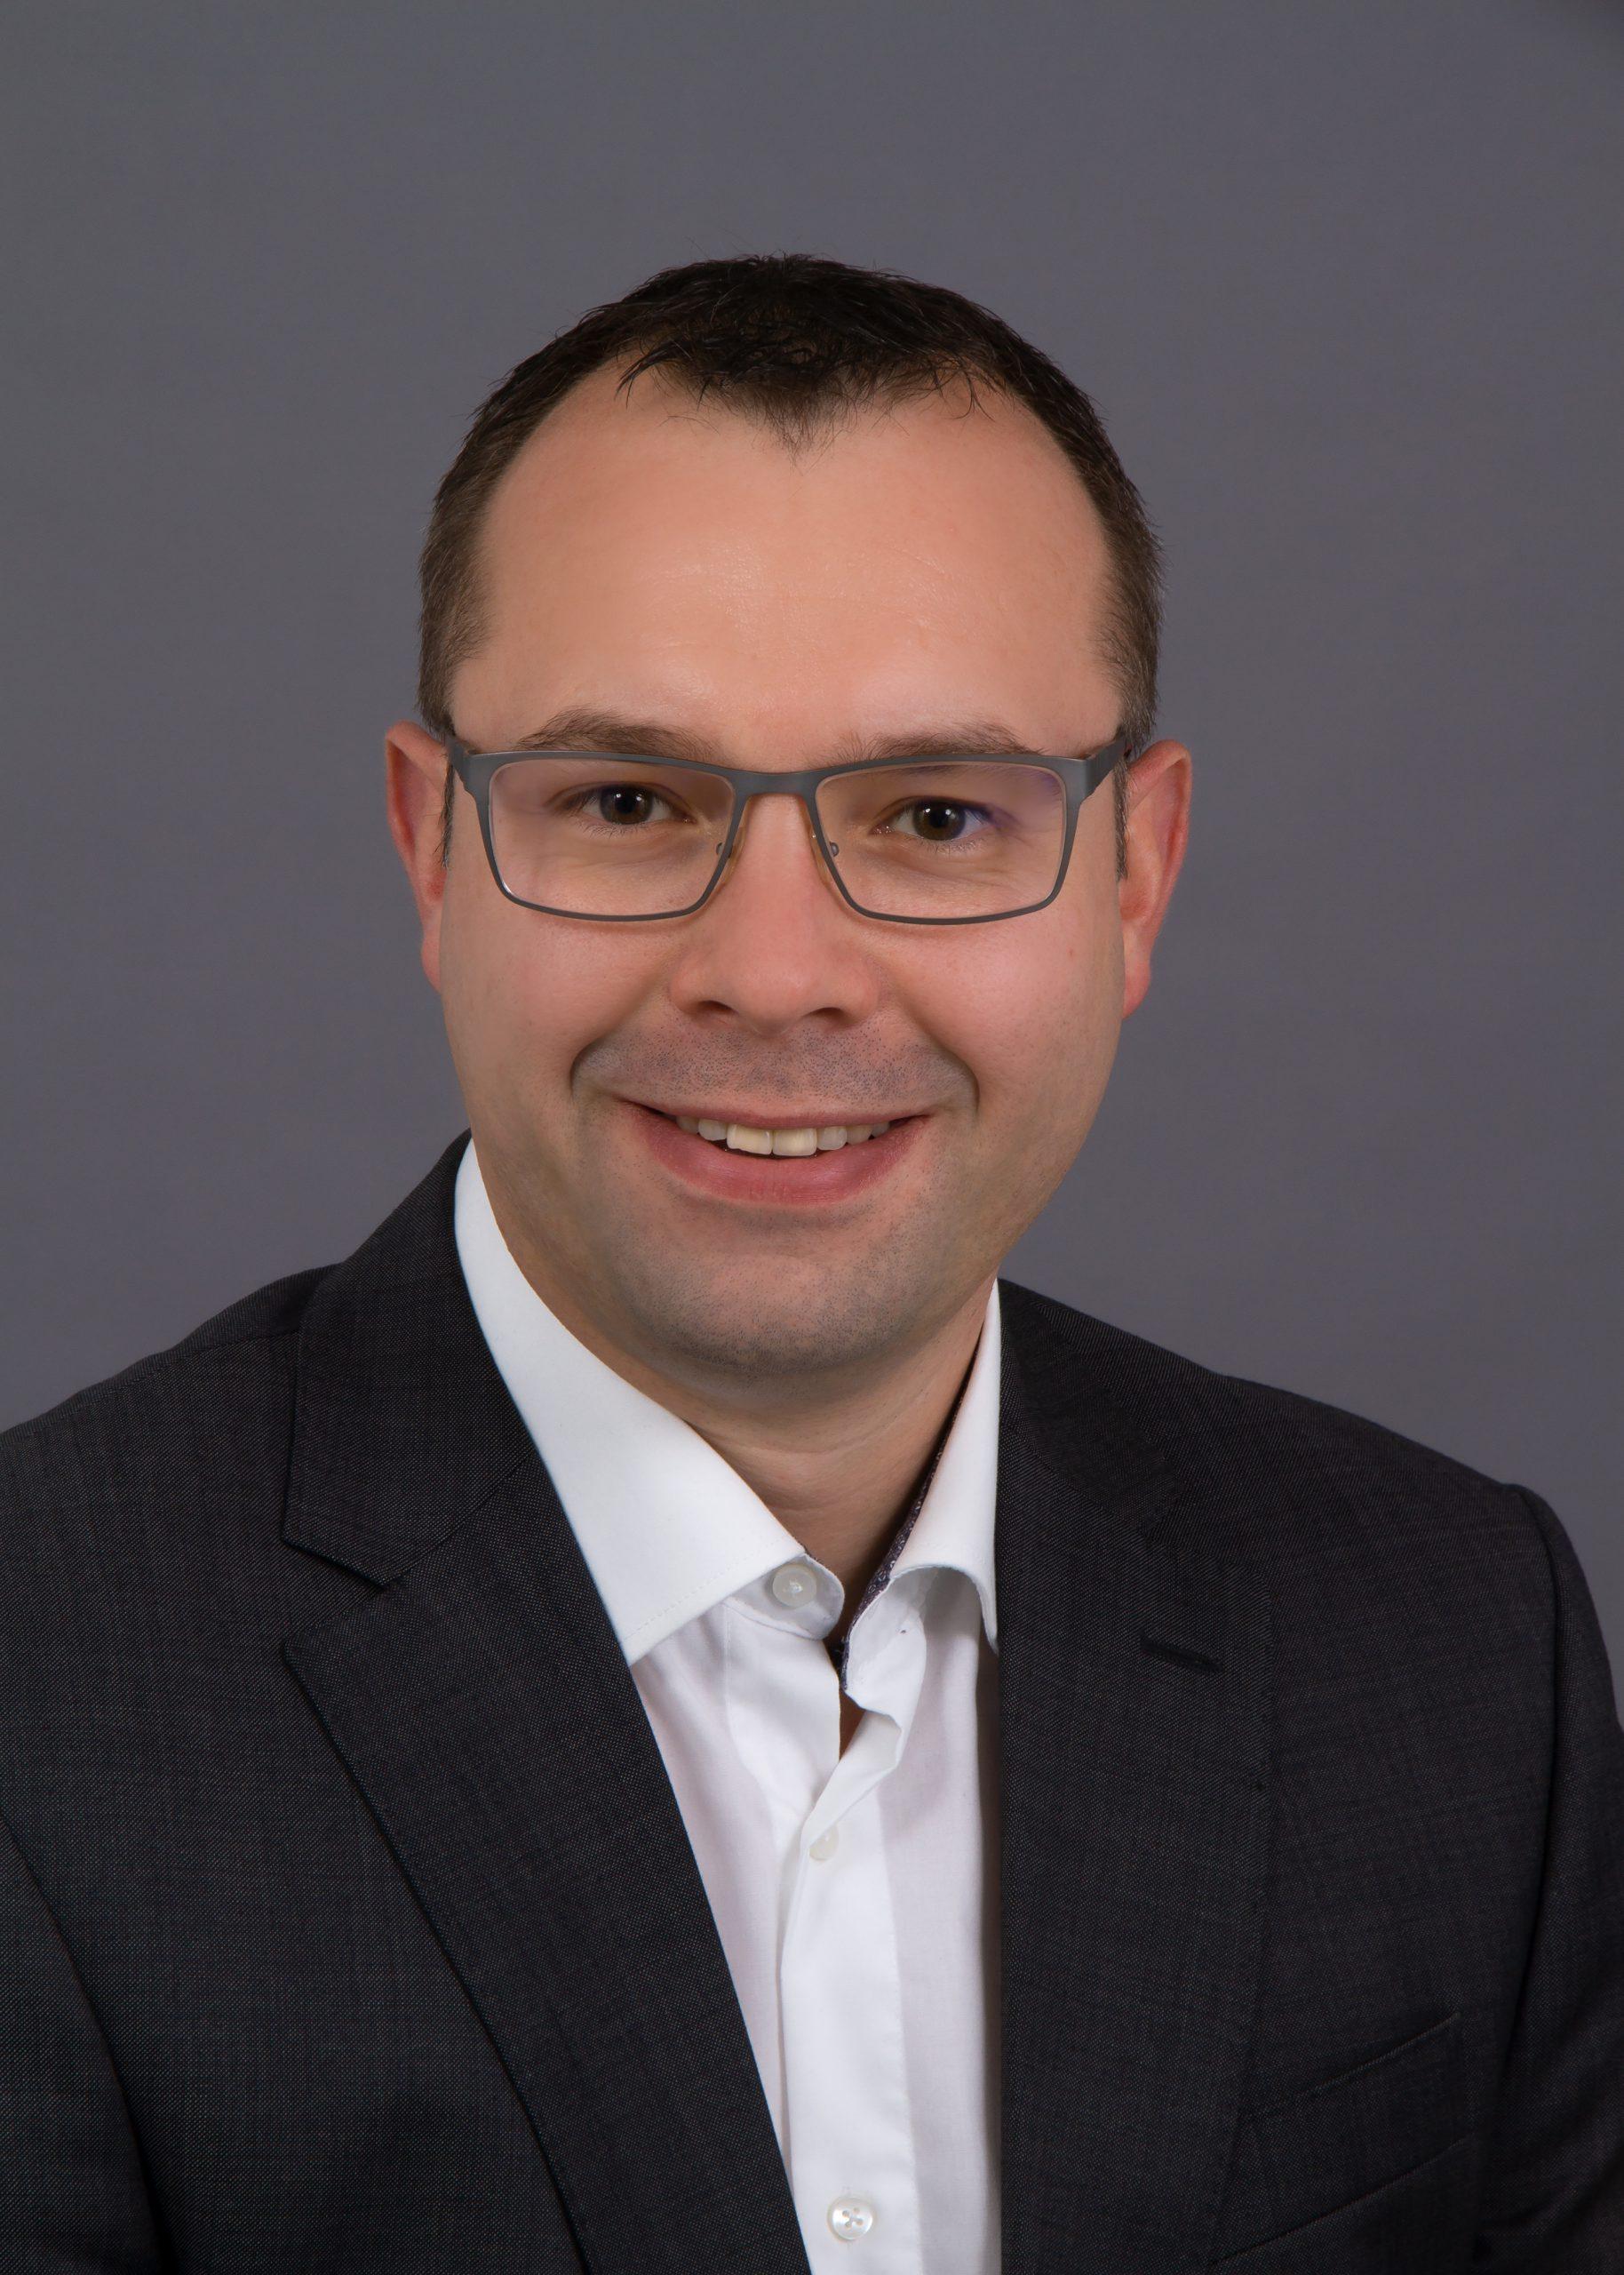 Michael Schebesta